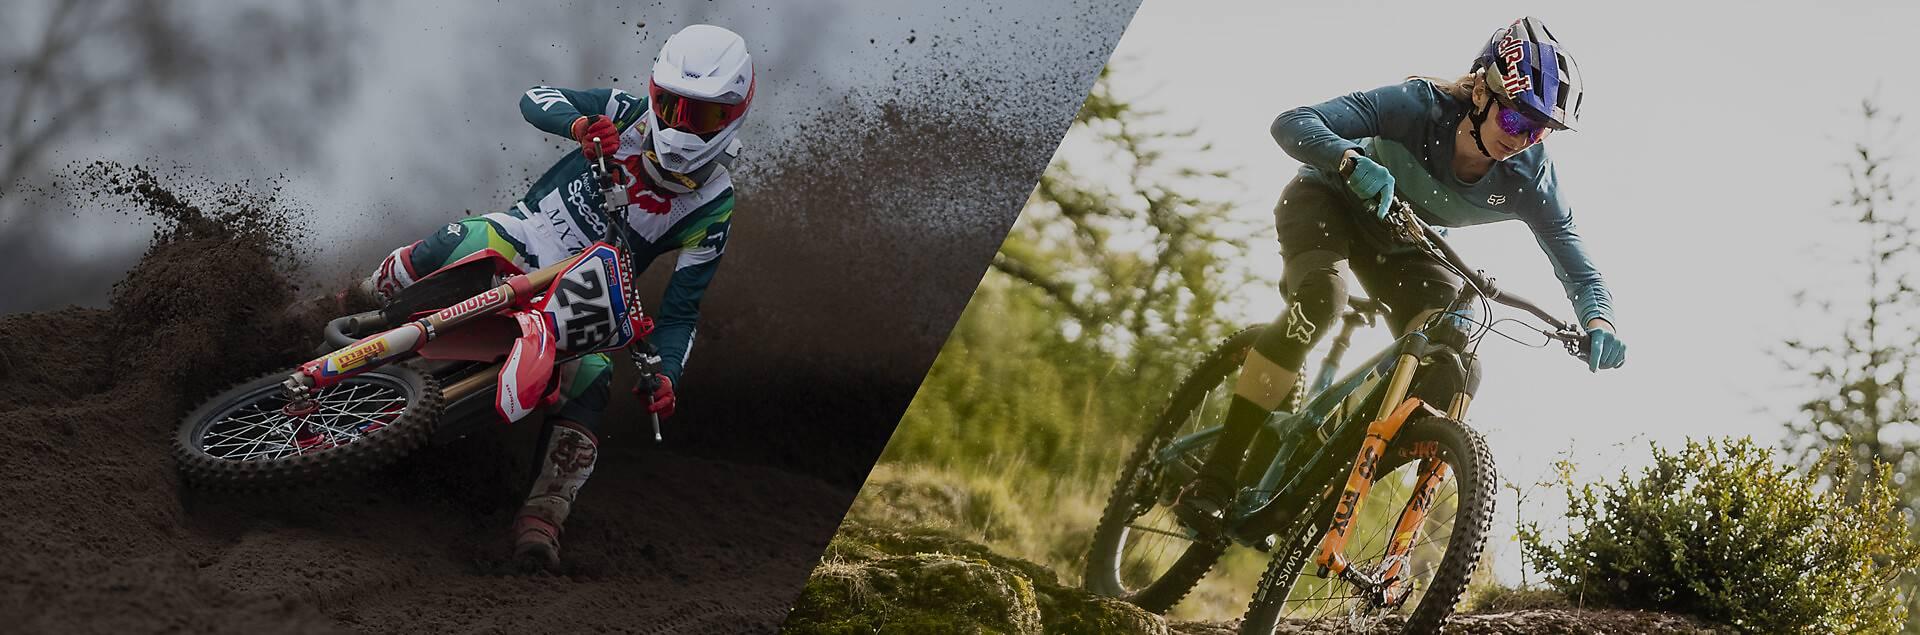 Moto and MTB Athlete Picks